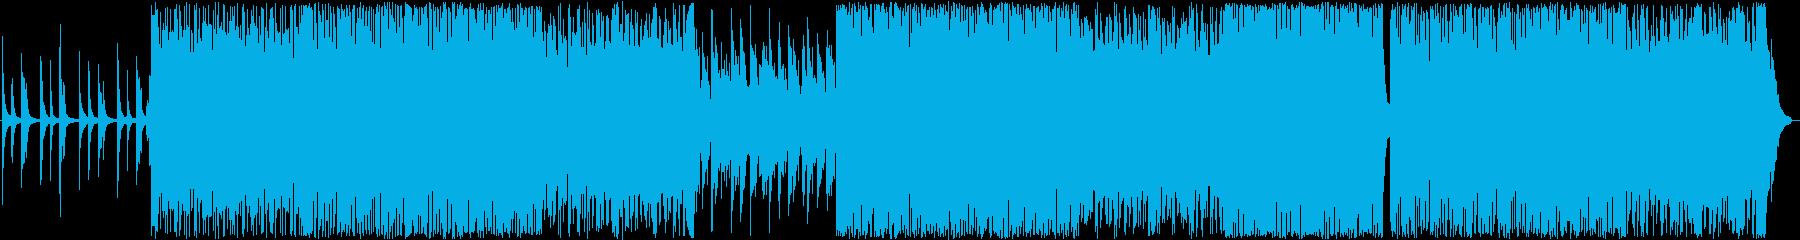 ゴシックオープニング(三拍子)の再生済みの波形